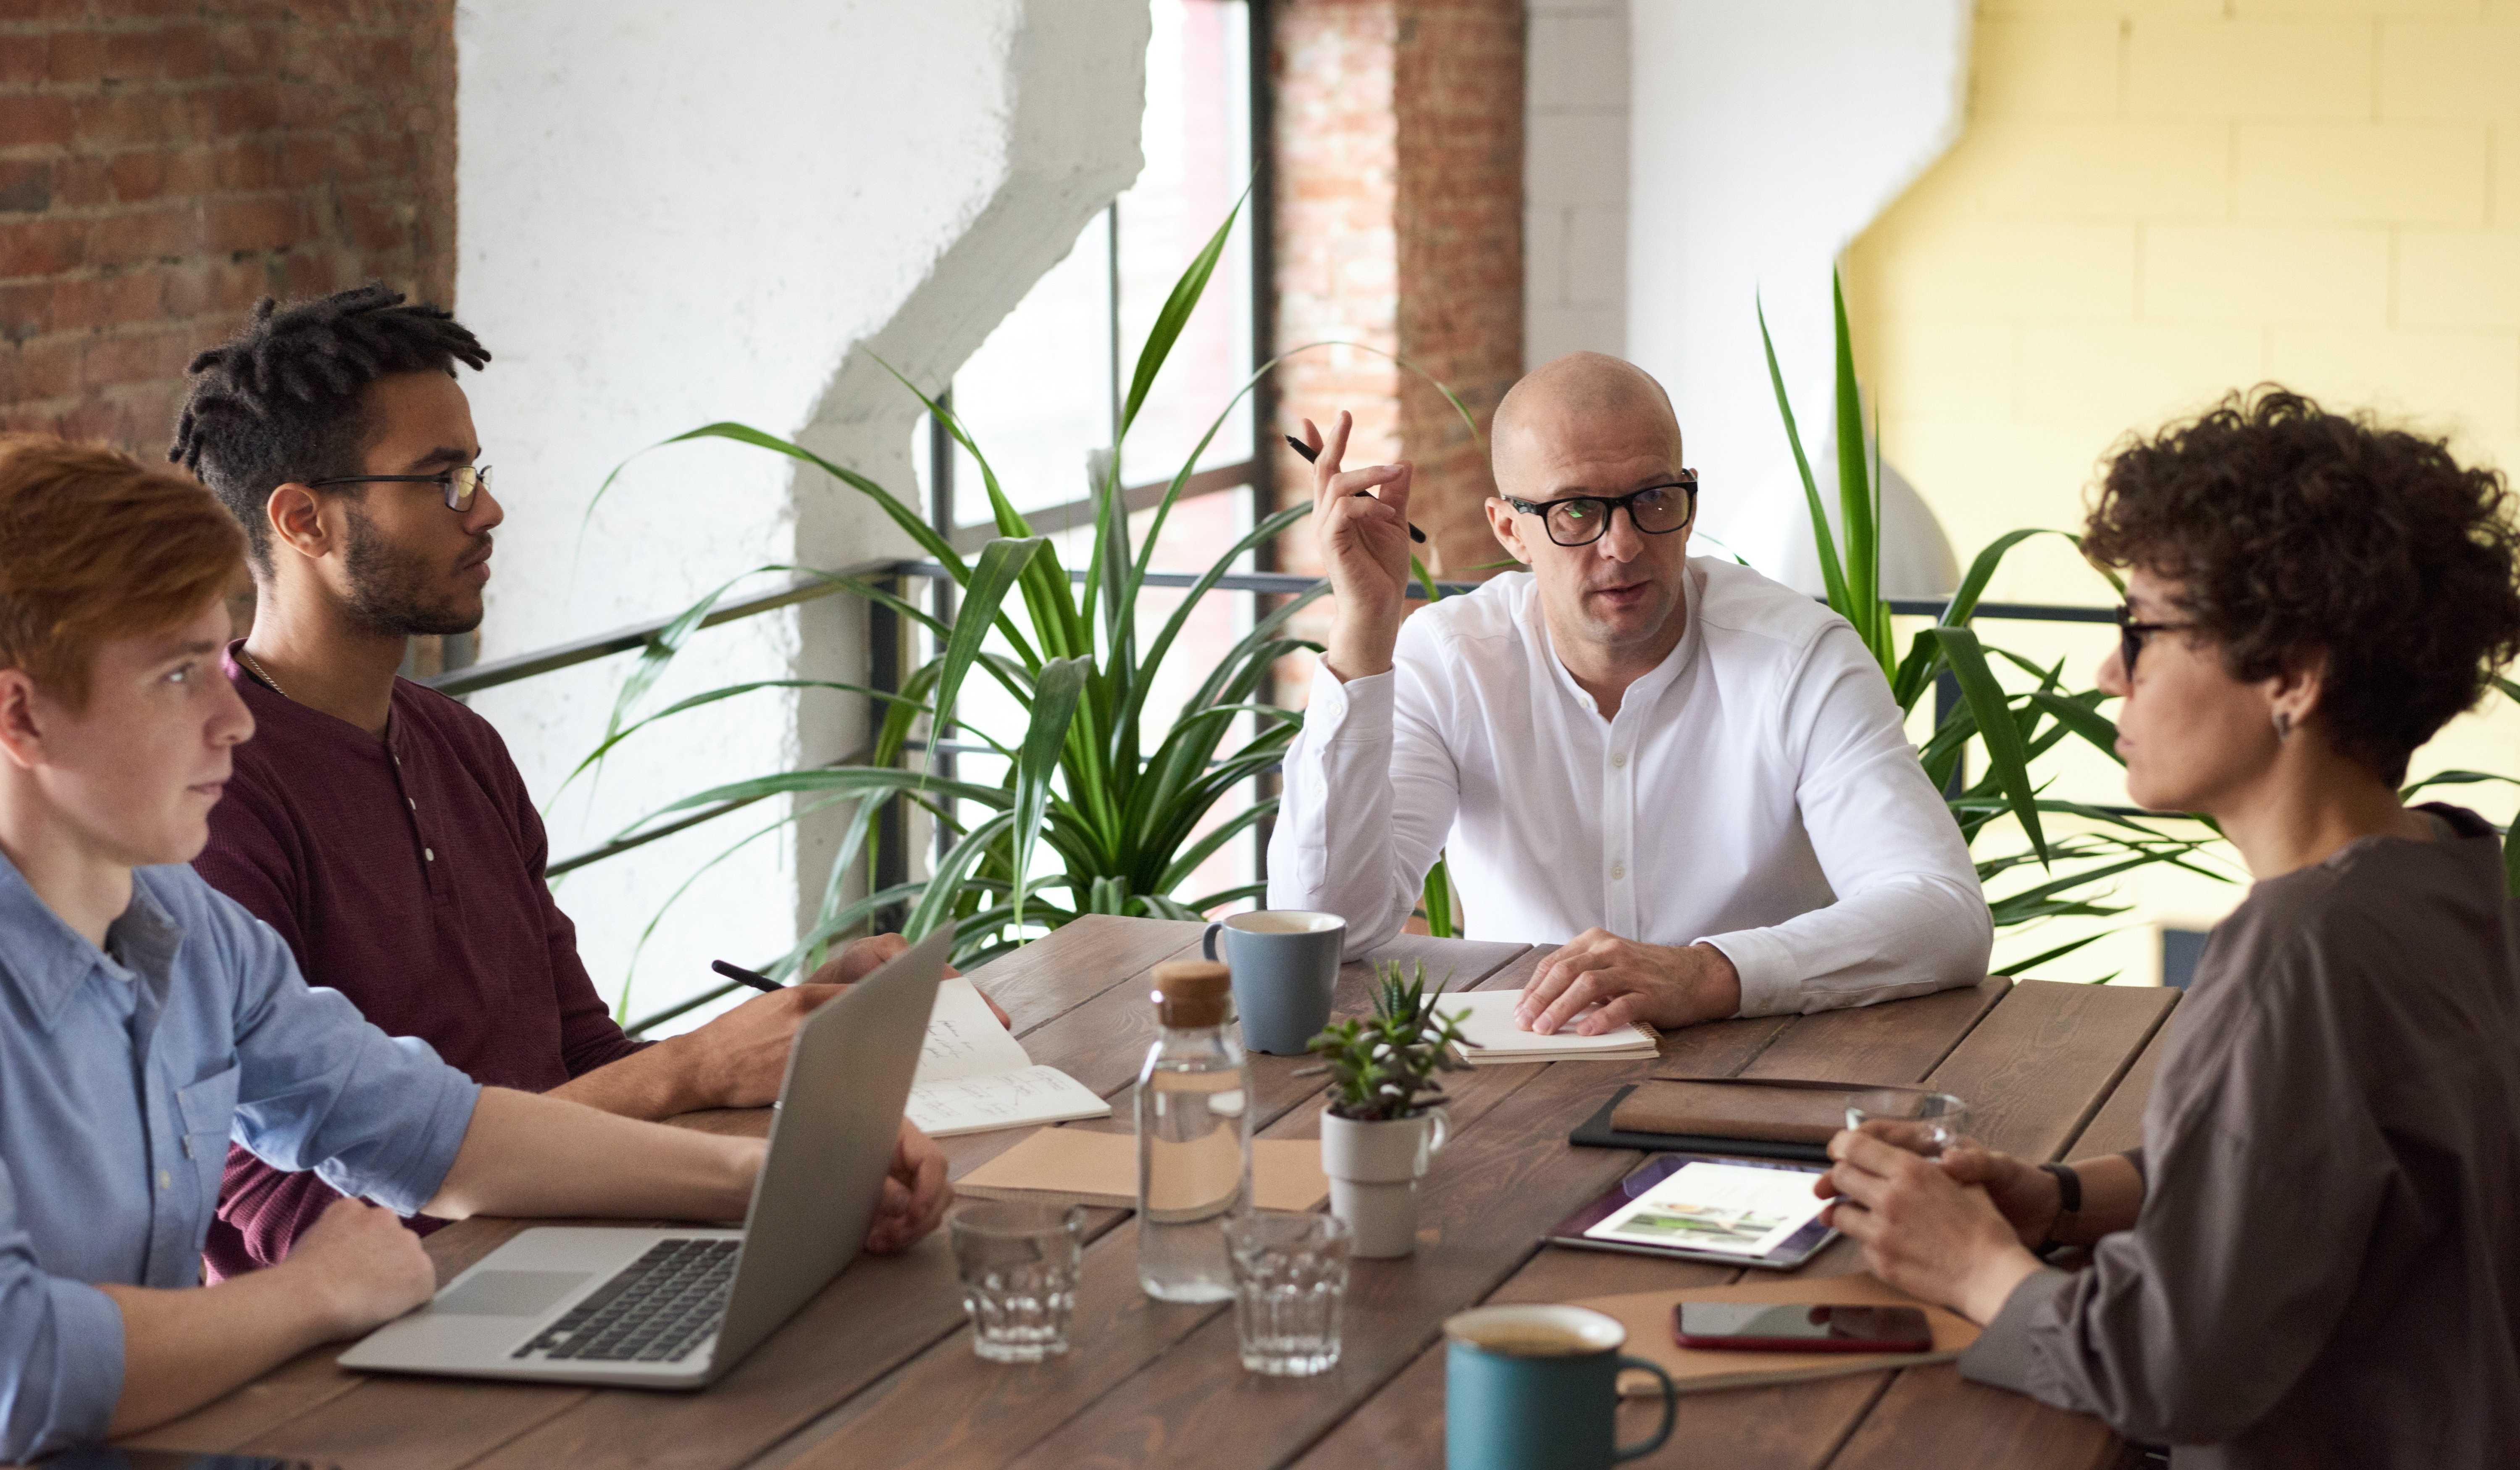 Gorup Mentoring - Mentoring Relationship